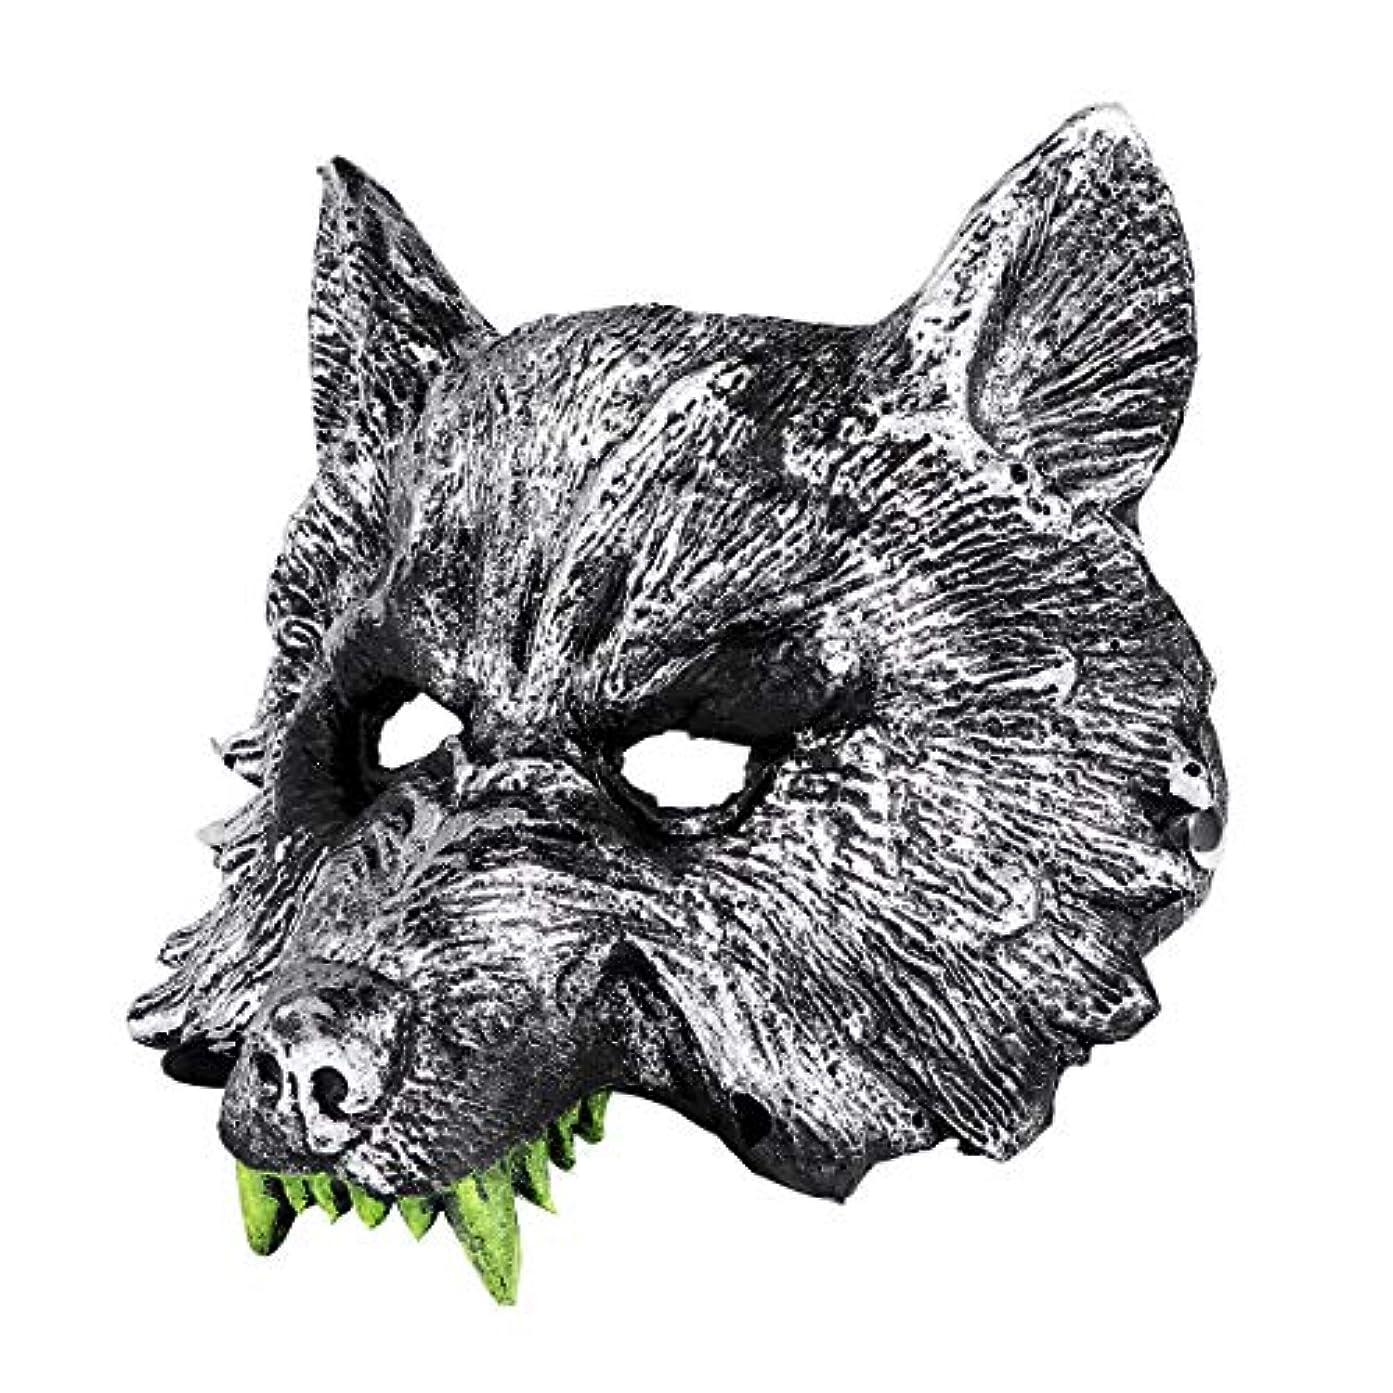 完璧な哲学的状況コスプレハロウィーン仮装のためのNUOLUX灰色オオカミヘッドマスクファンシードレスパーティー小道具